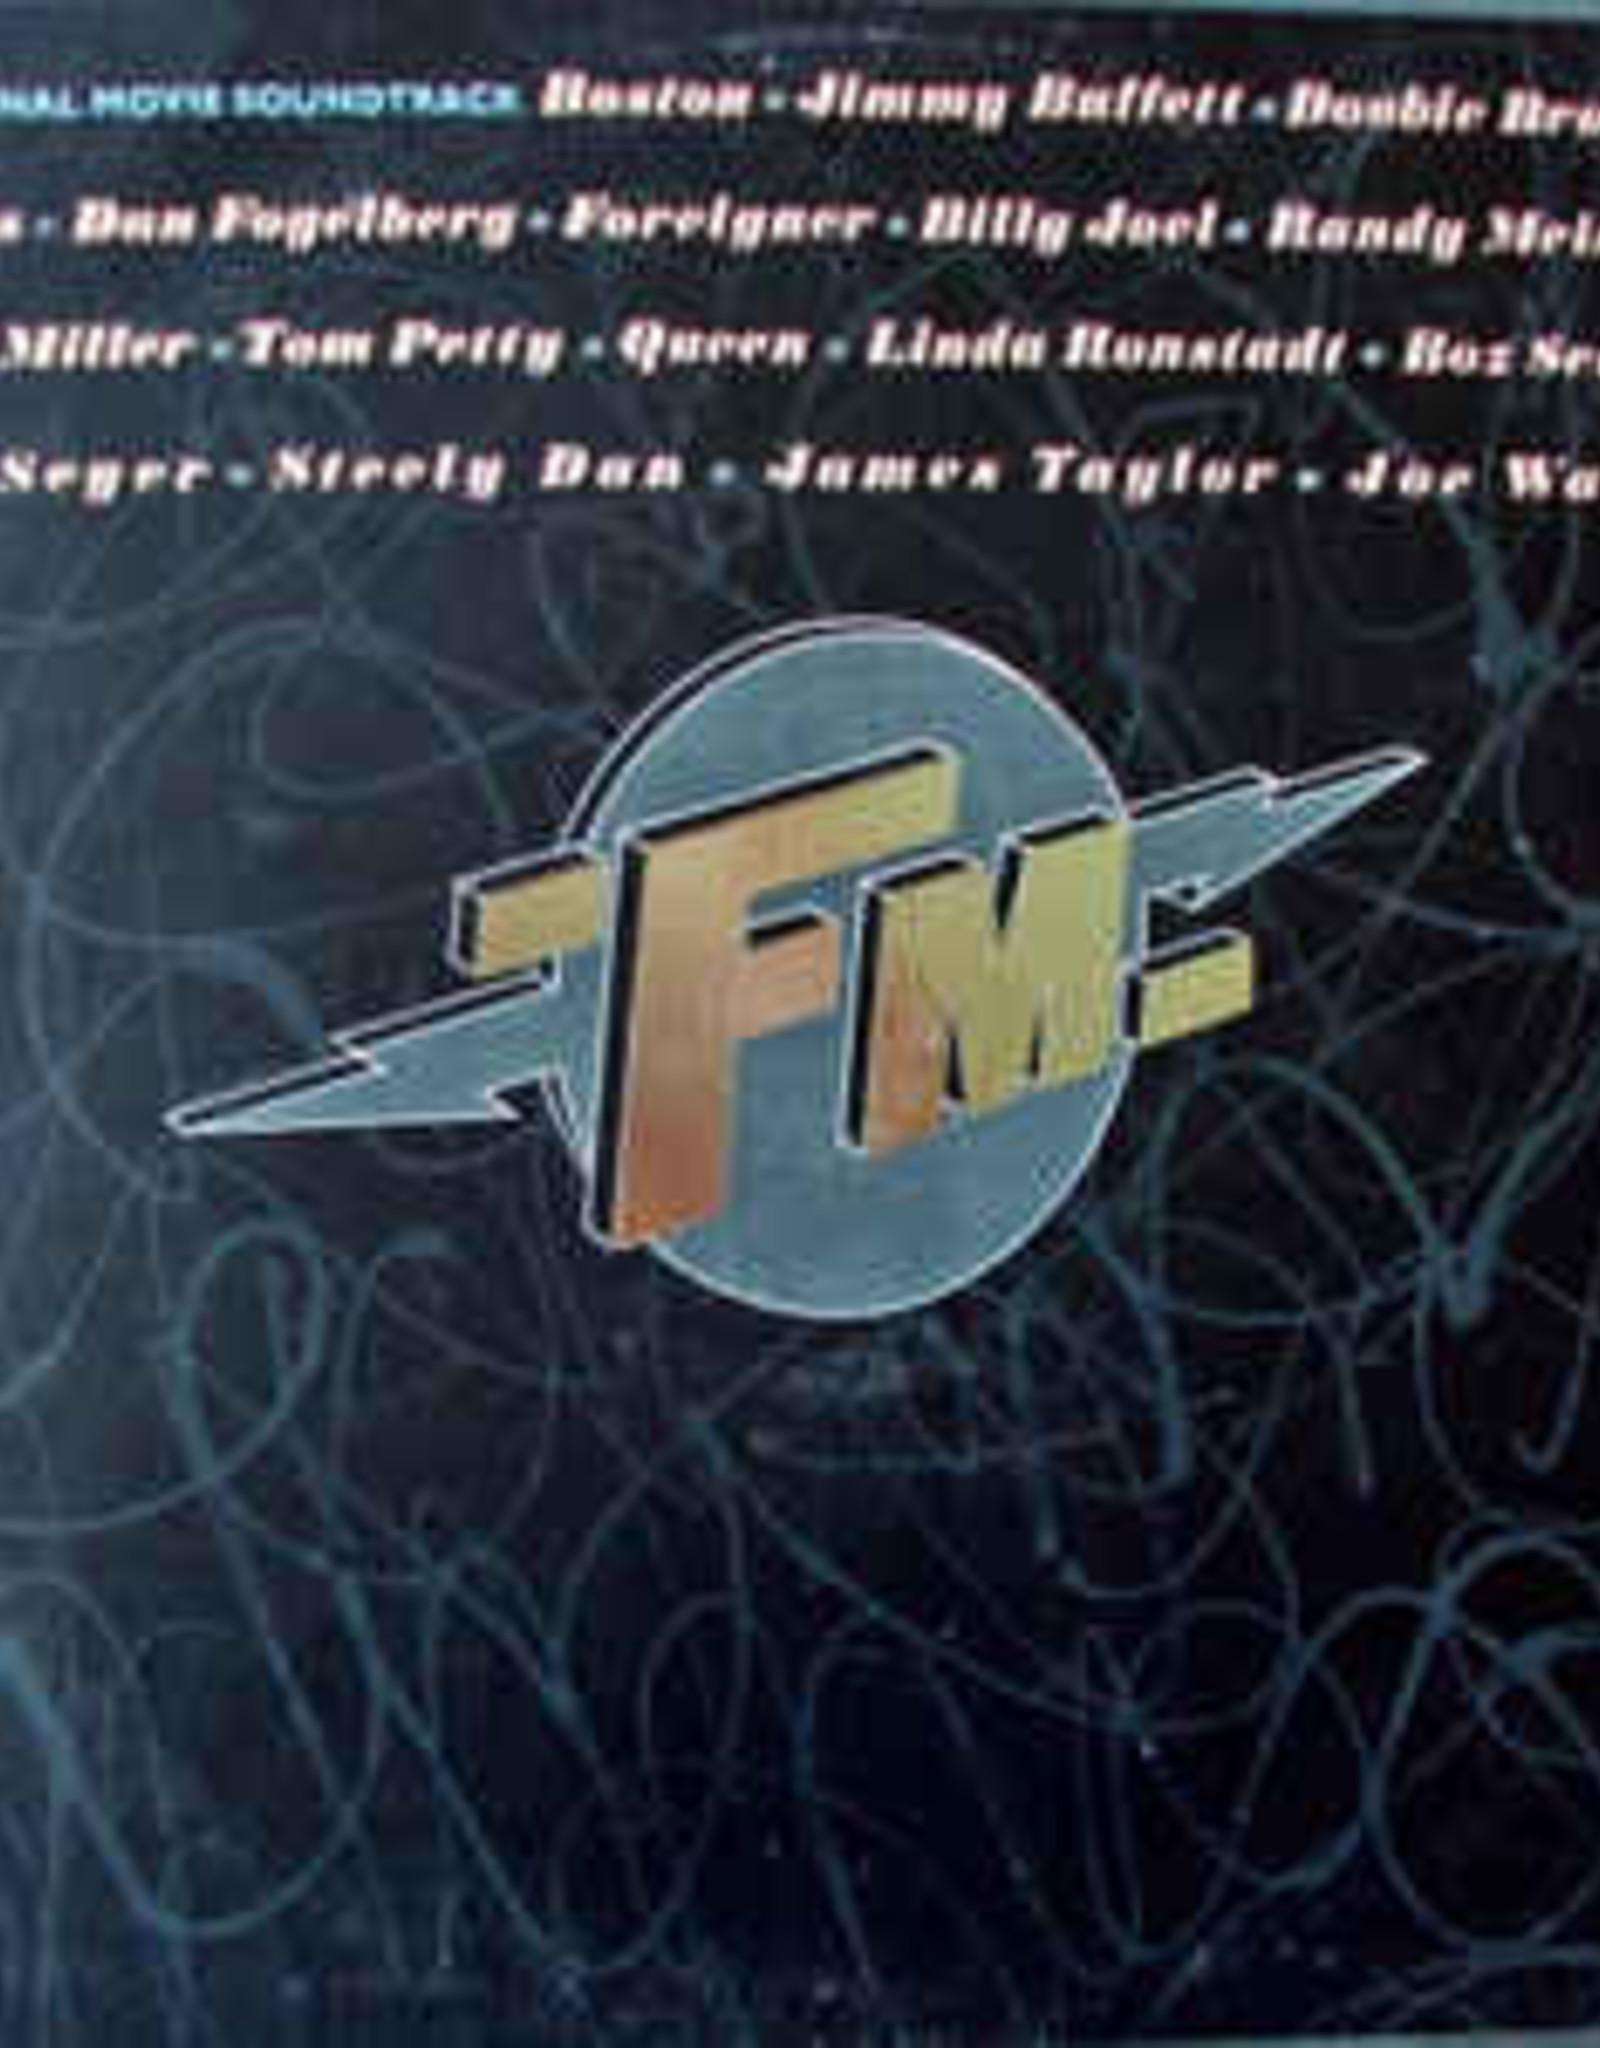 F.M. (Soundtrack) - Queen / Bob Seger / Tom Petty / Ea